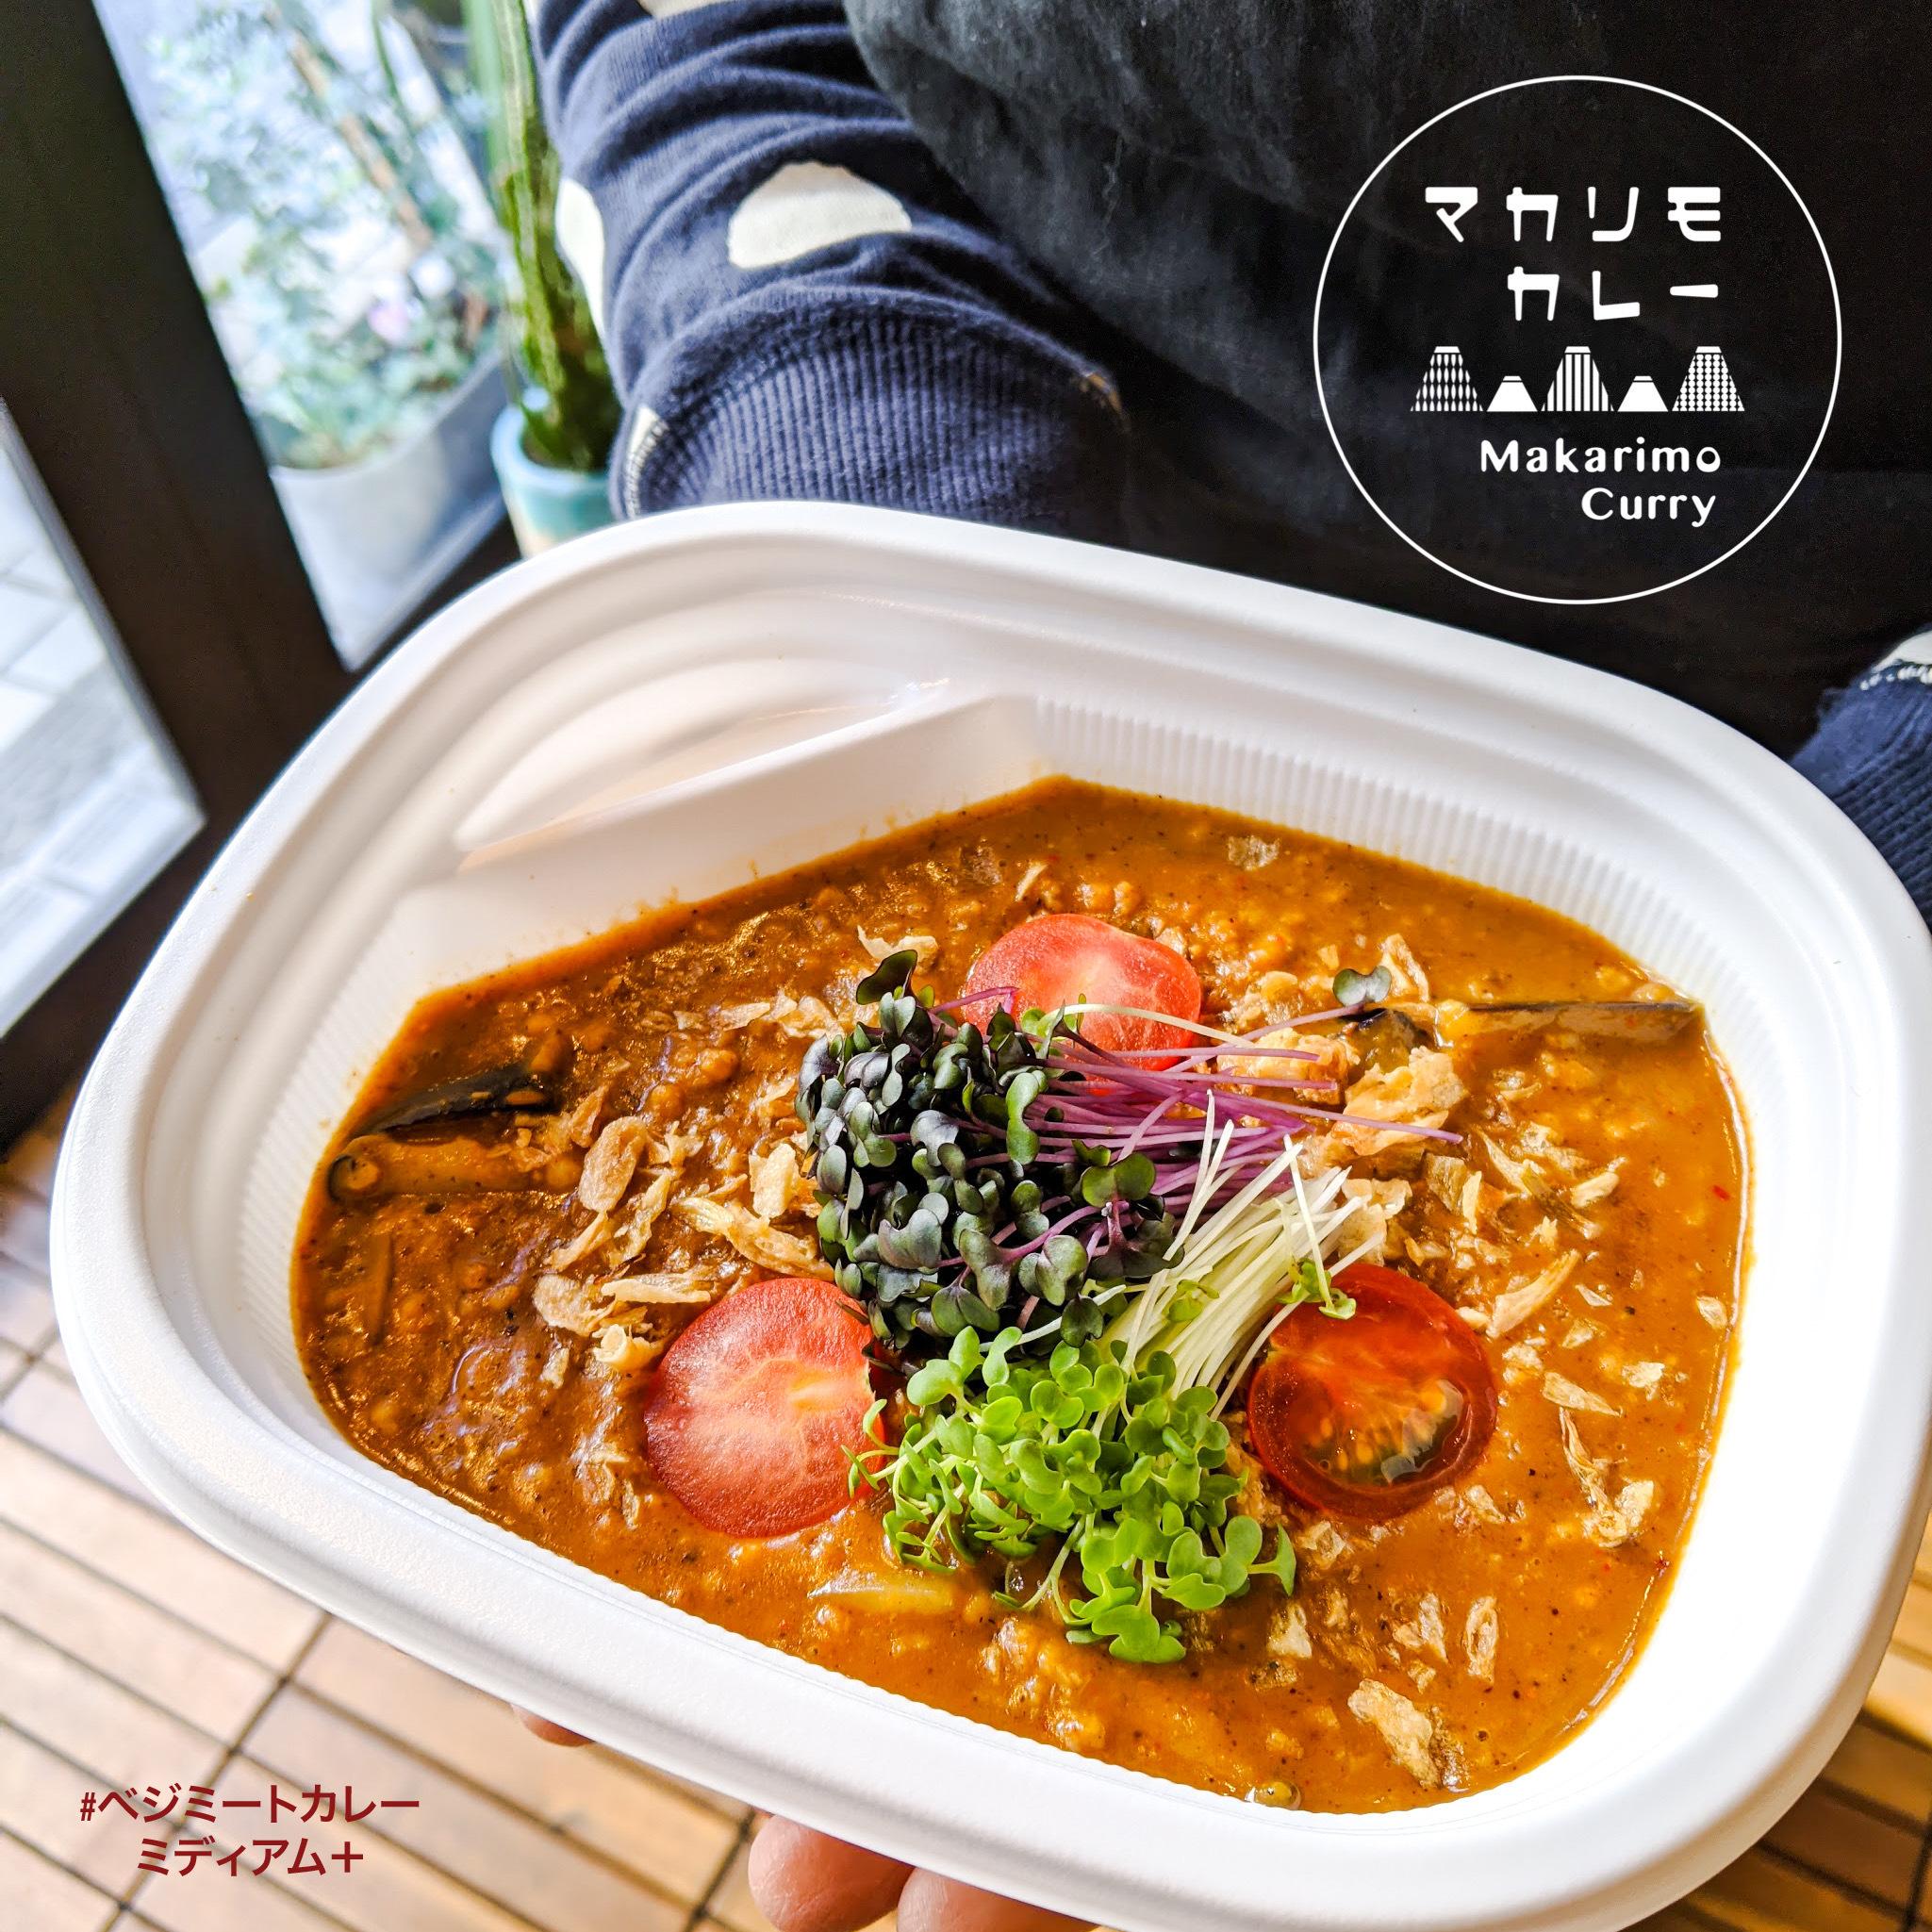 [ ルウのみ ] ベジミートカレー / Soy Meat Curry Roux / 素肉醬咖哩純醬